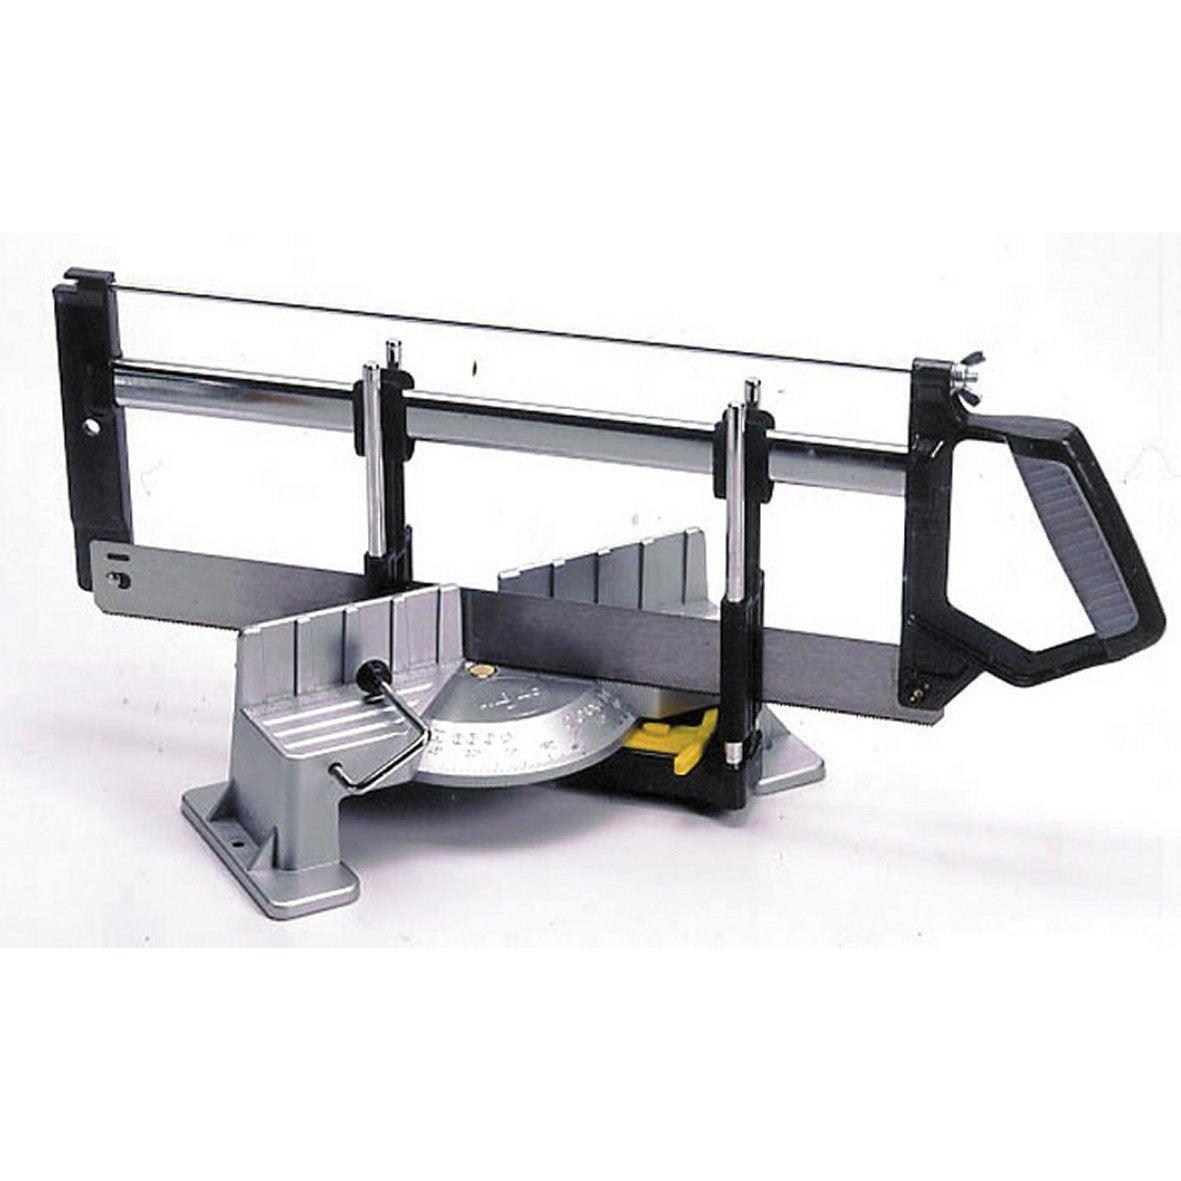 scie onglet manuelle mejix 420 mm leroy merlin. Black Bedroom Furniture Sets. Home Design Ideas